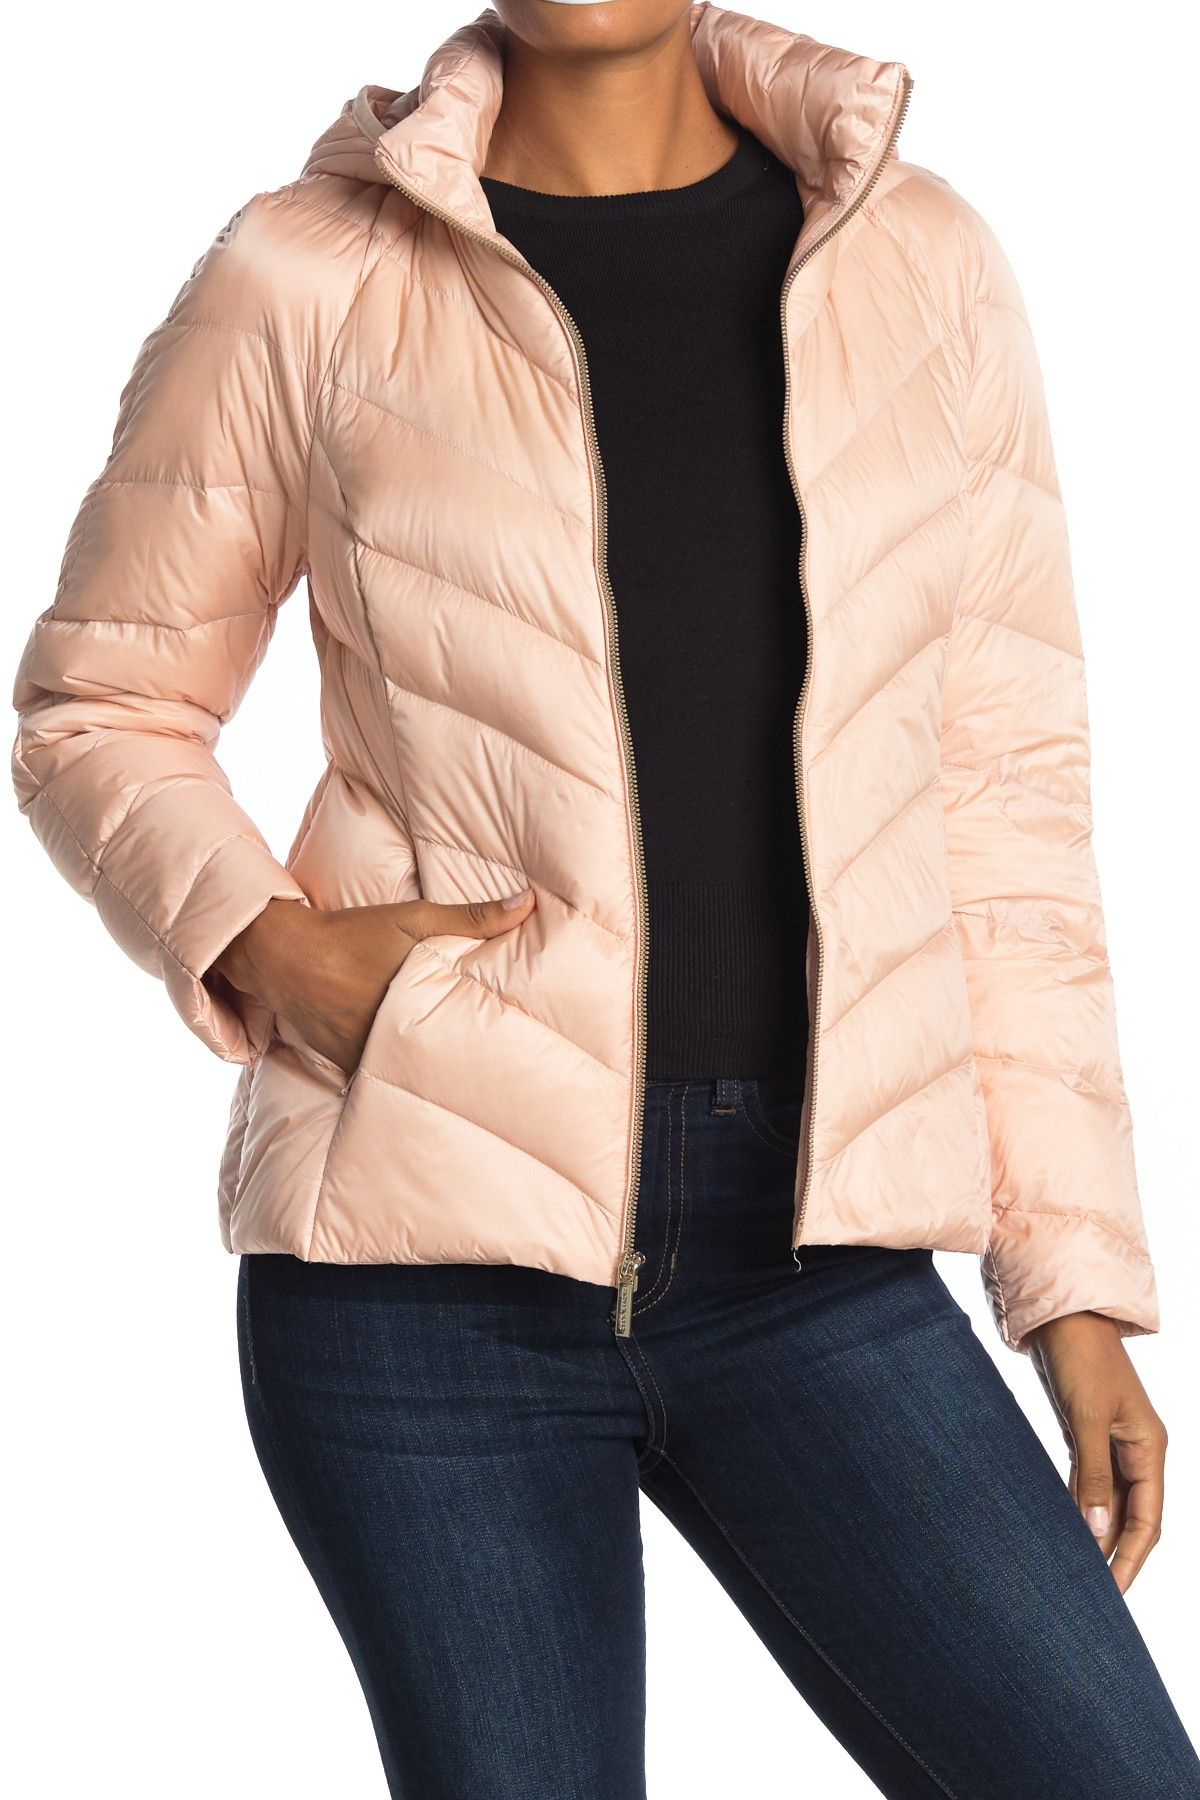 Michael Kors Short Packable Puffer Jacket Nordstrom Rack Michael Kors Shorts Jackets Puffer Jackets [ 1800 x 1200 Pixel ]